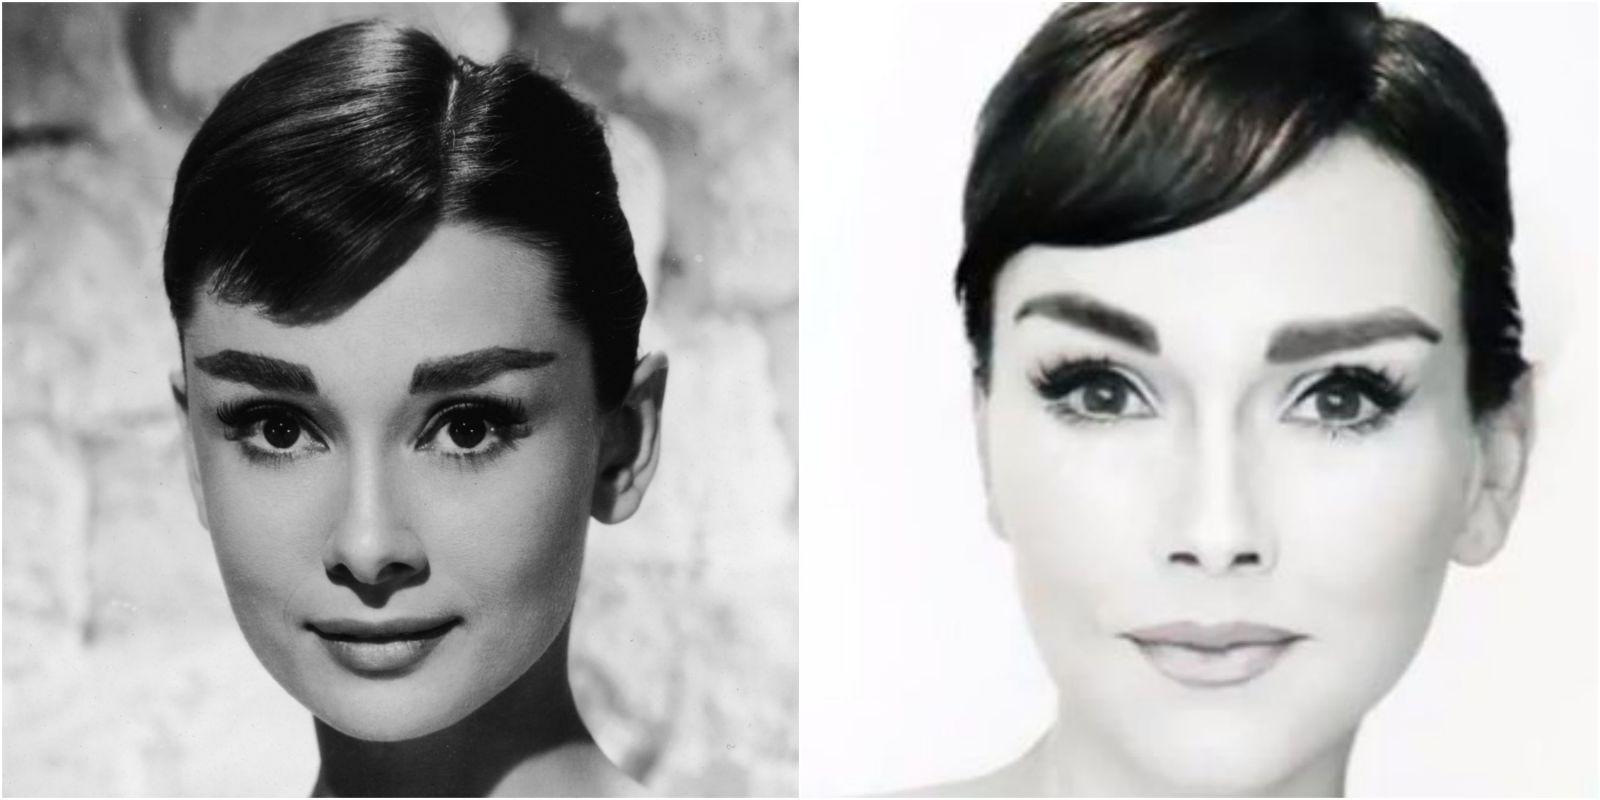 Audrey Hepburn Makeup Transformation How To Do Audrey